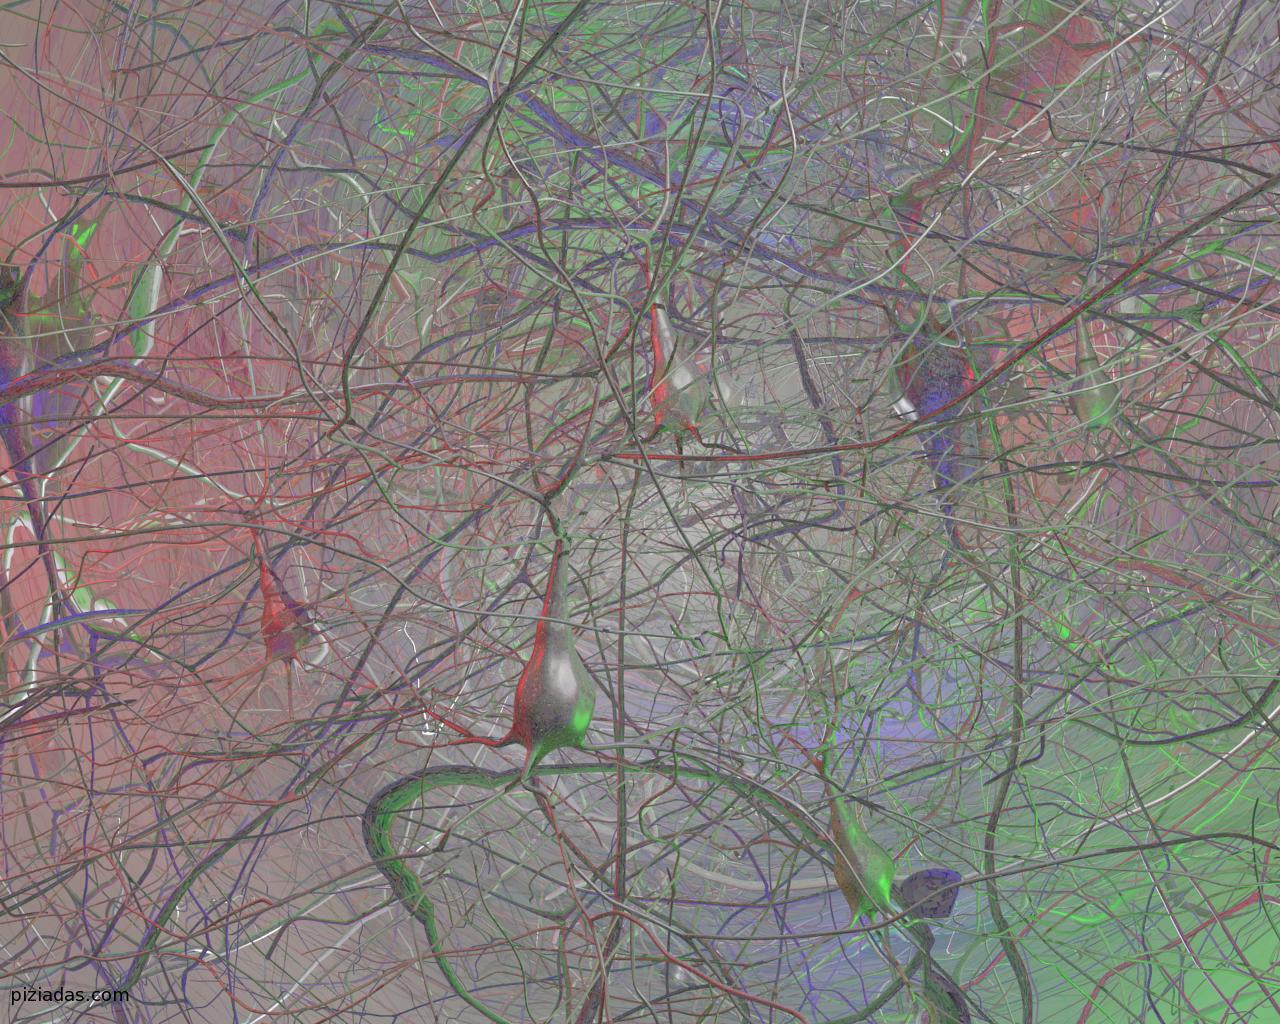 Violetas neuronas espejo en el cerebro humano for Lo espejo 0450 el bosque